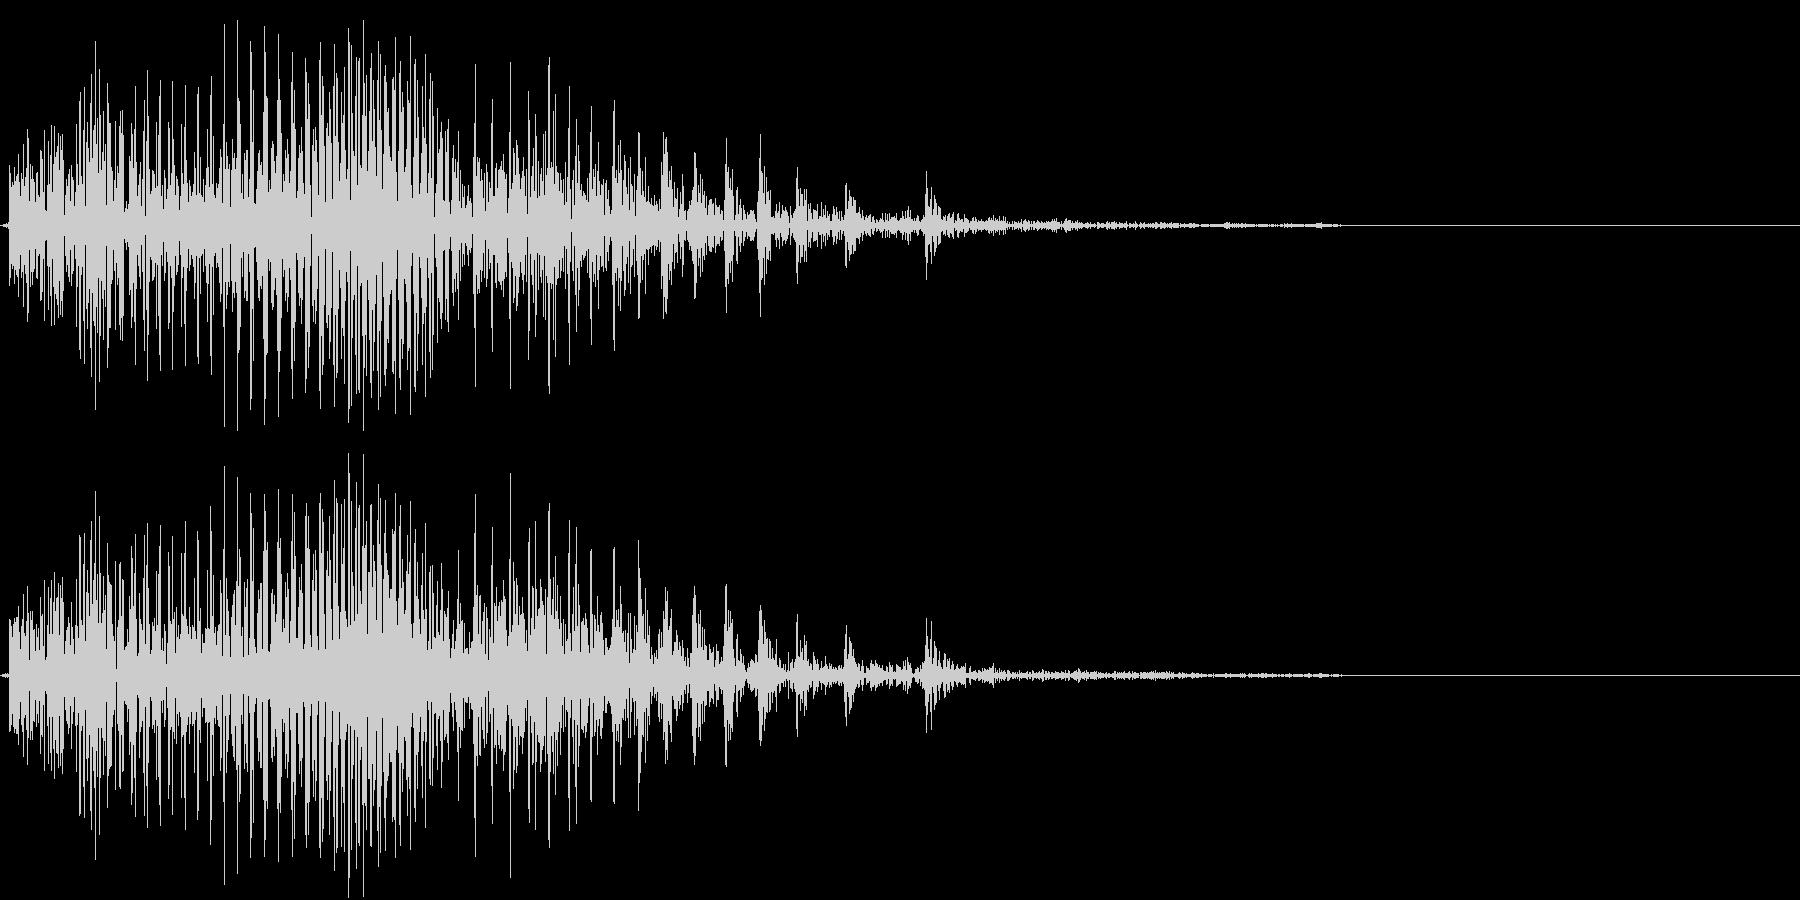 Piko ピコピコハンマー バラエティ の未再生の波形